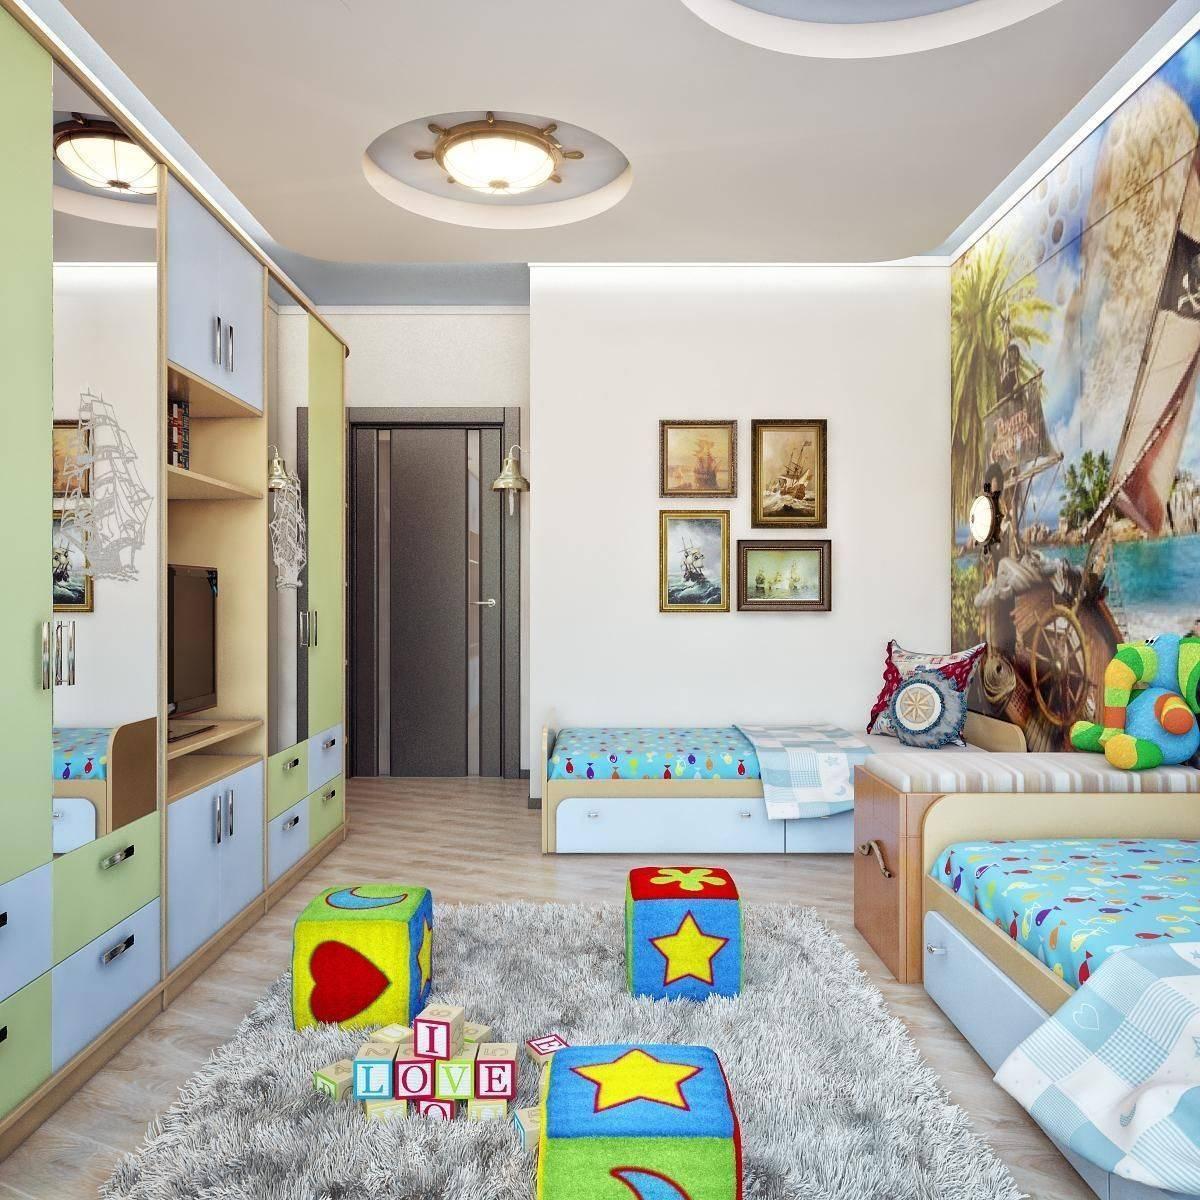 Детская 8 кв м: методы оформления интерьера, фотографии примеров дизайна